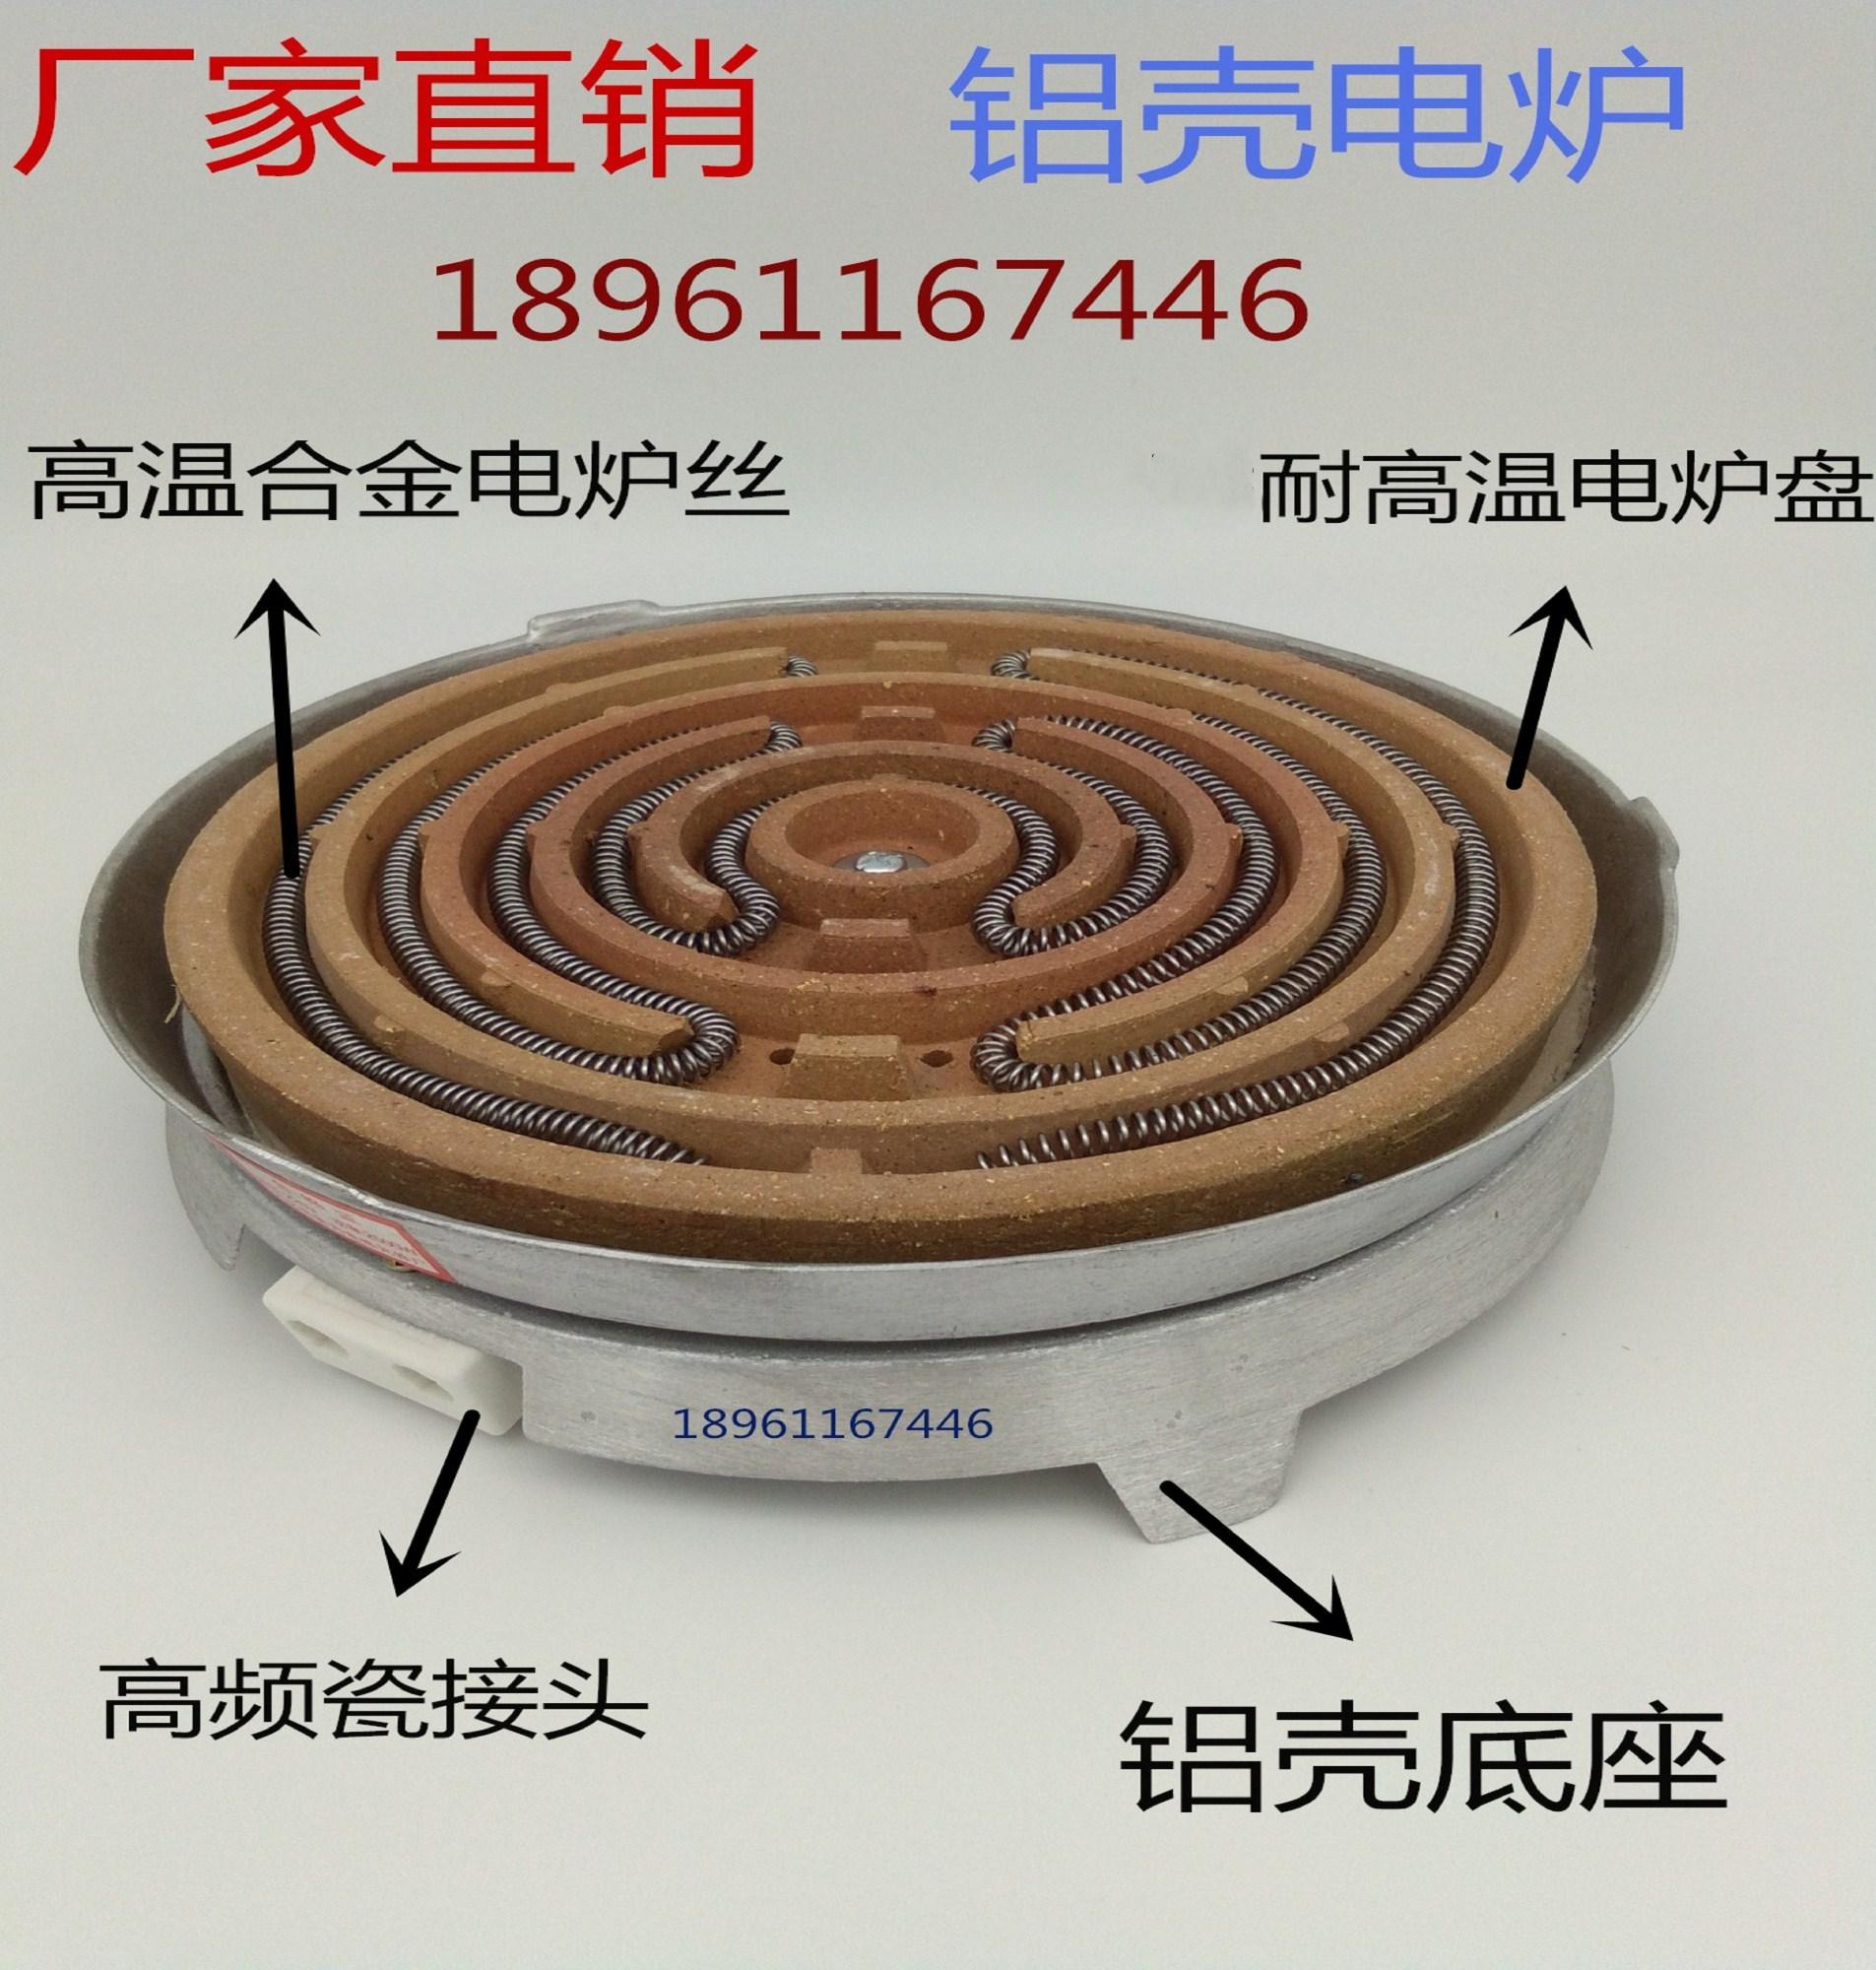 Бесплатная доставка бытовой электрический плита алюминий электрическое отопление печь 3000w теплый устройство скорость горячей реальный тест самолет электричество печь электрическое отопление провод